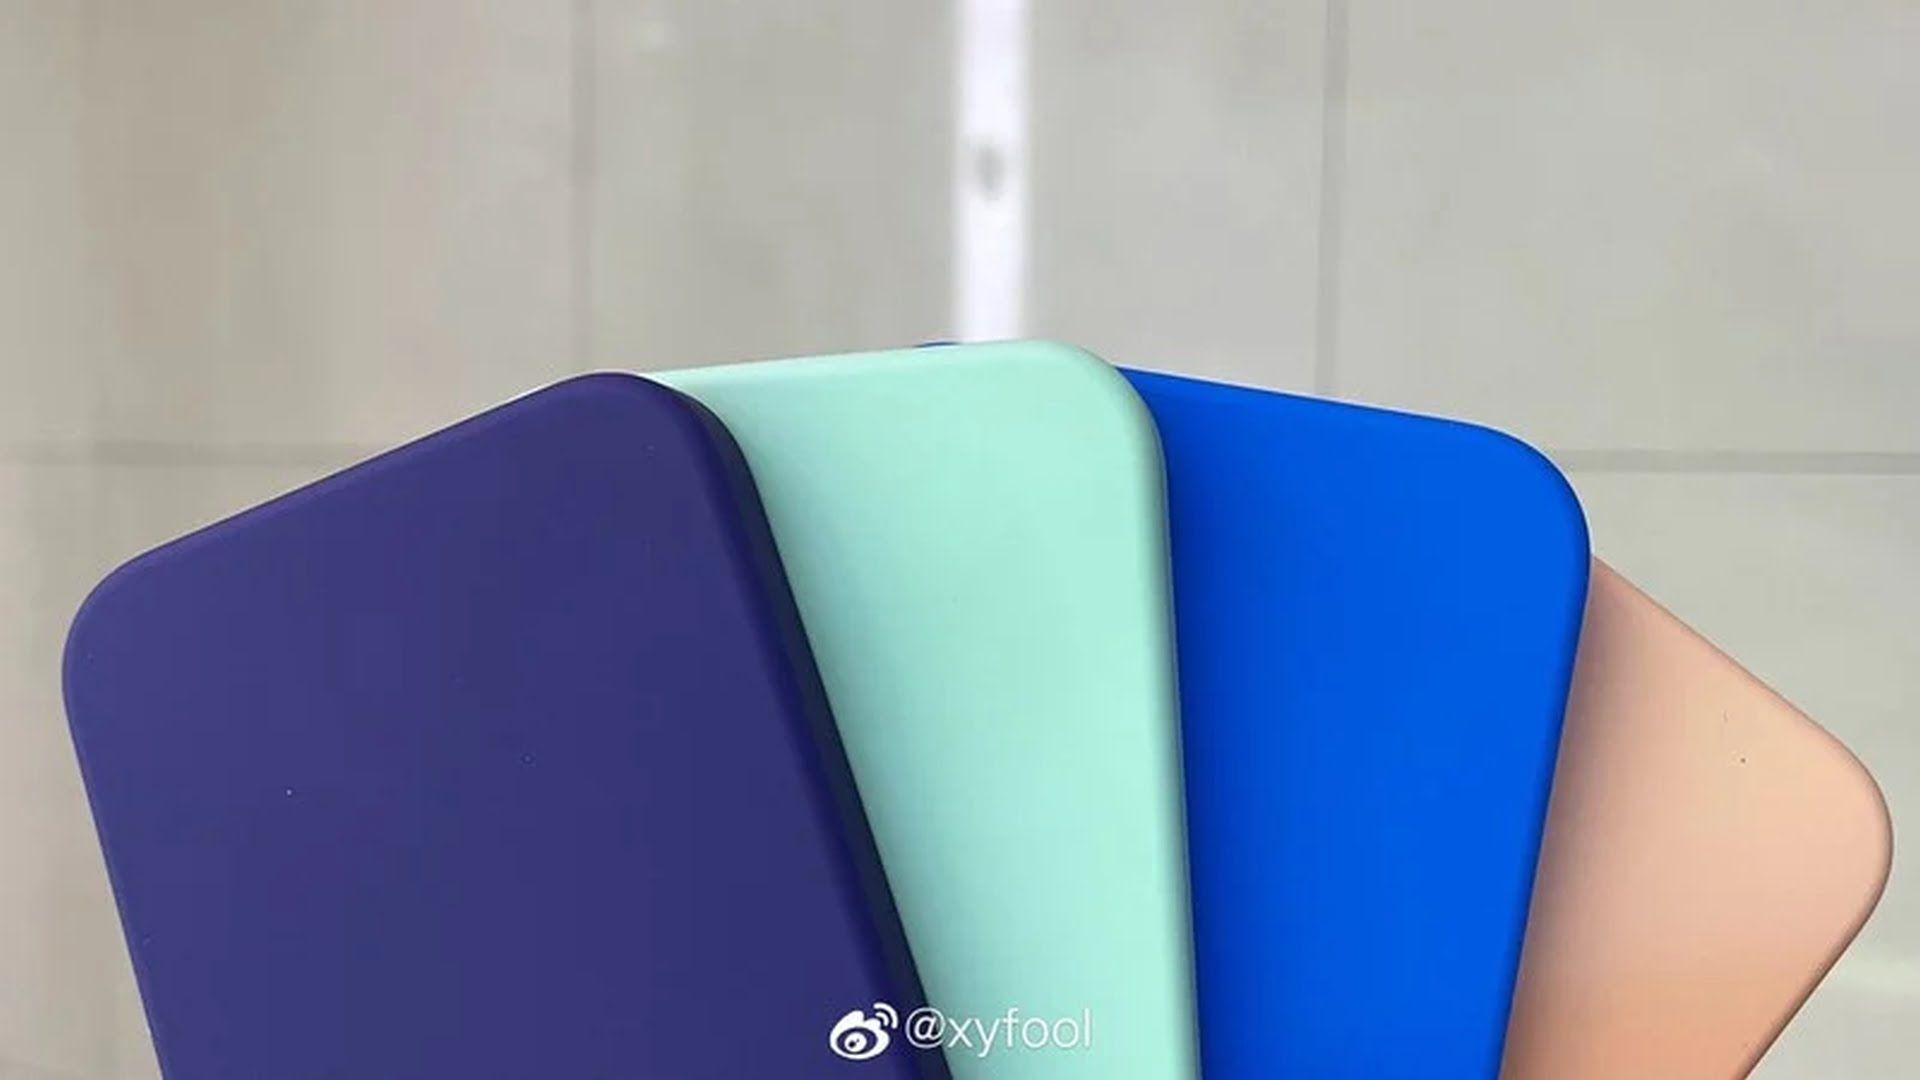 Firma Apple doda nowe wersje kolorystyczne akcesoriów